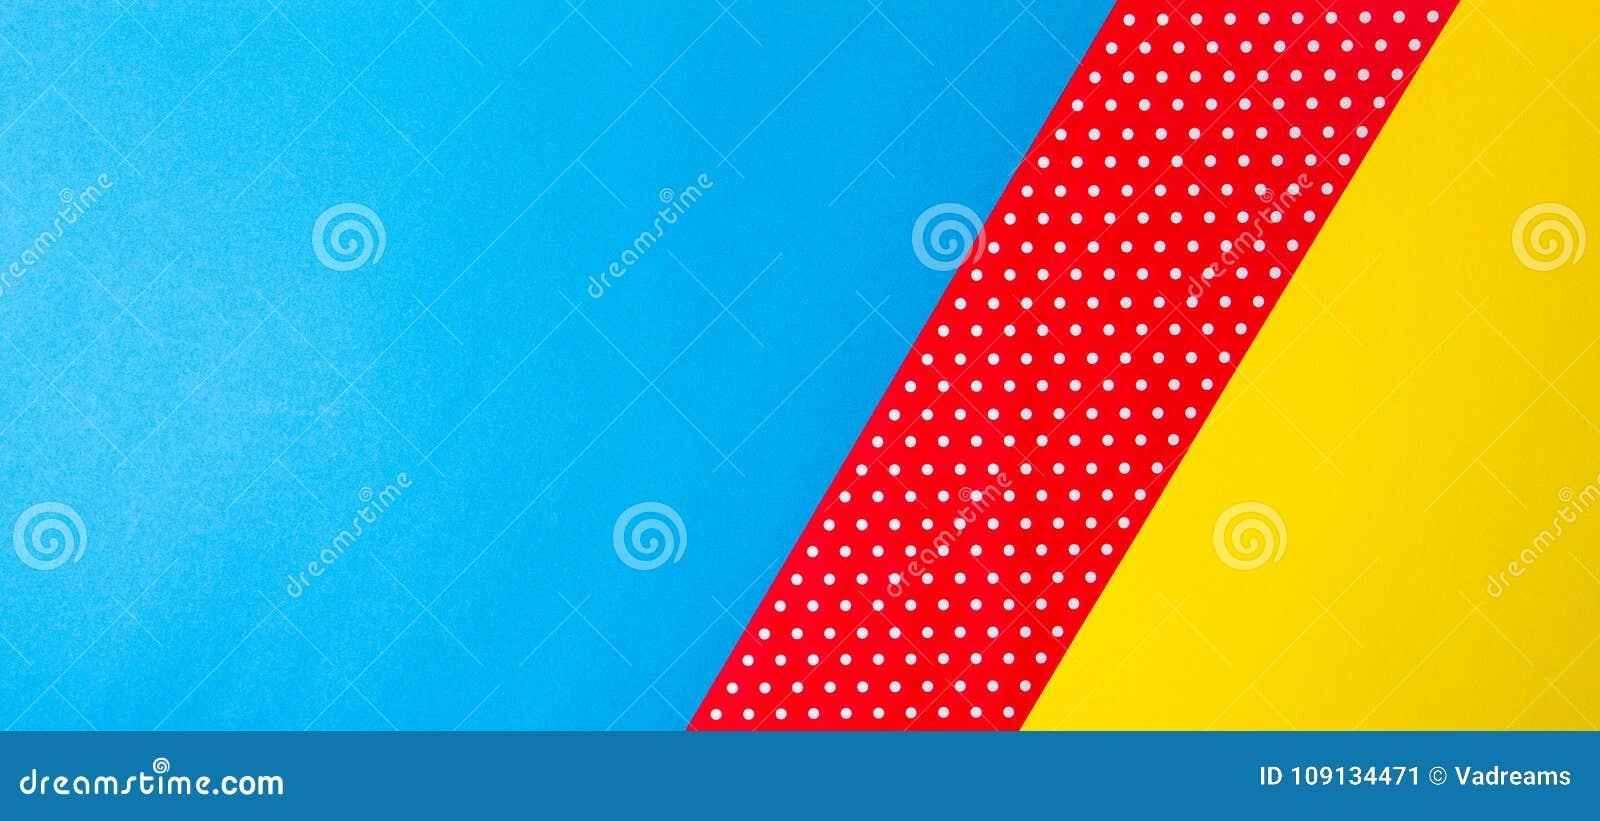 Fondo Fondos Abstractos Rojo Y Amarillo: Fondo Azul, Amarillo Y Rojo Geométrico Abstracto De Papel